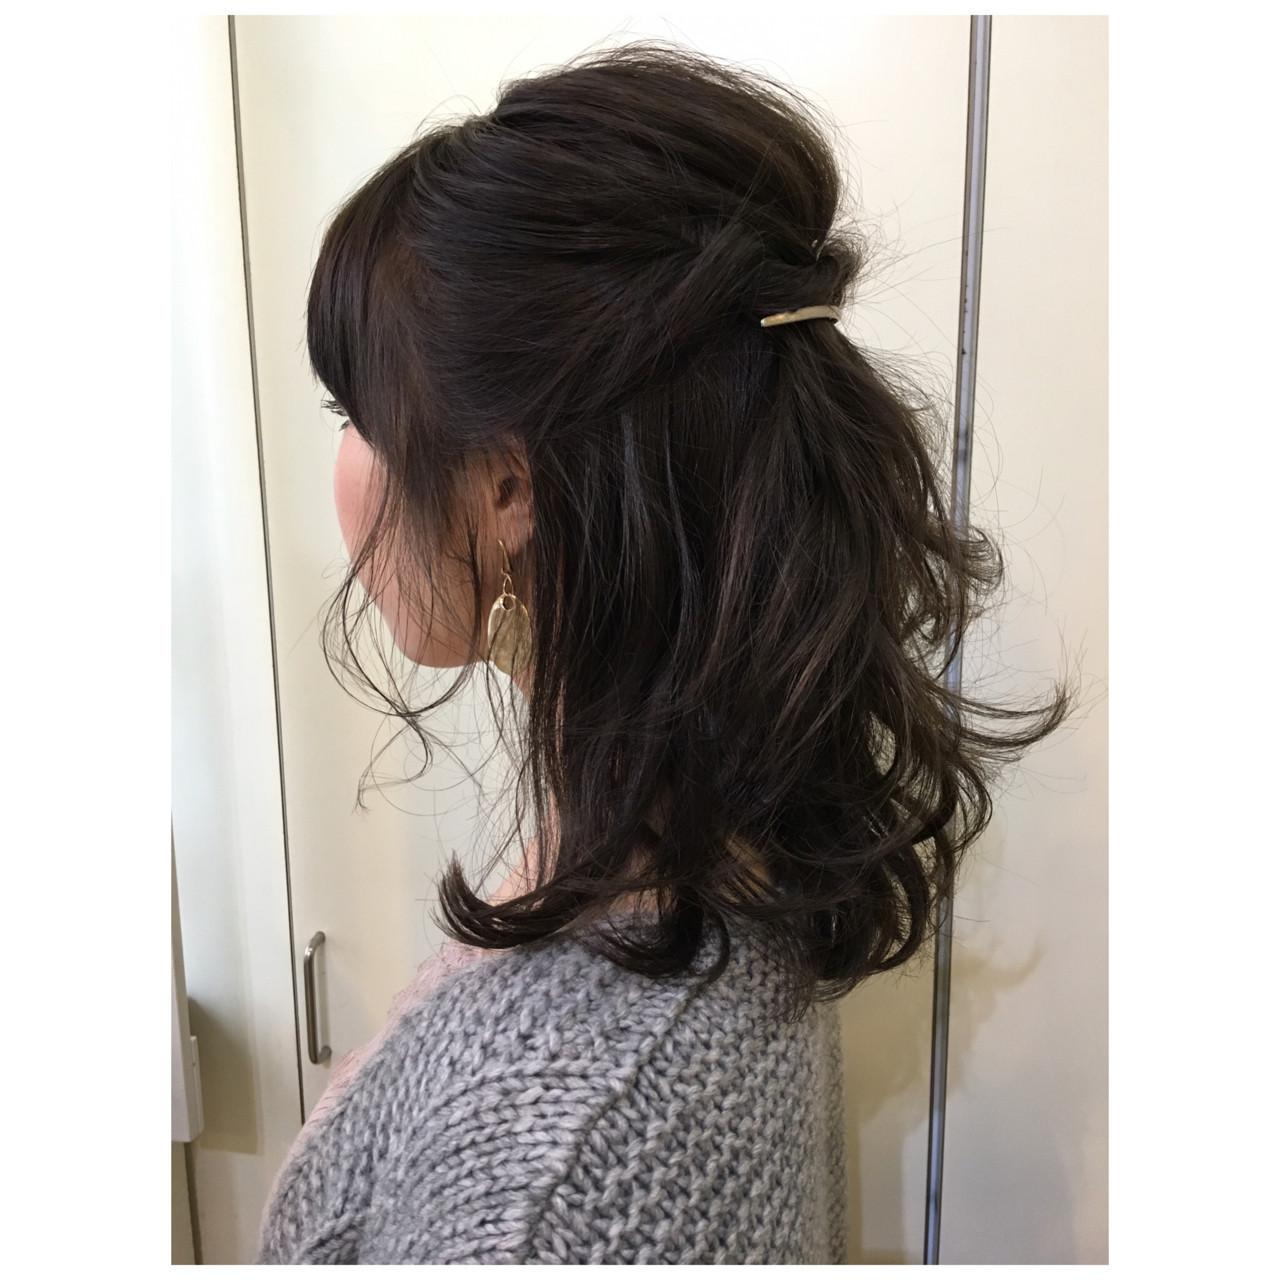 大人かわいい 簡単ヘアアレンジ ミディアム ナチュラル ヘアスタイルや髪型の写真・画像